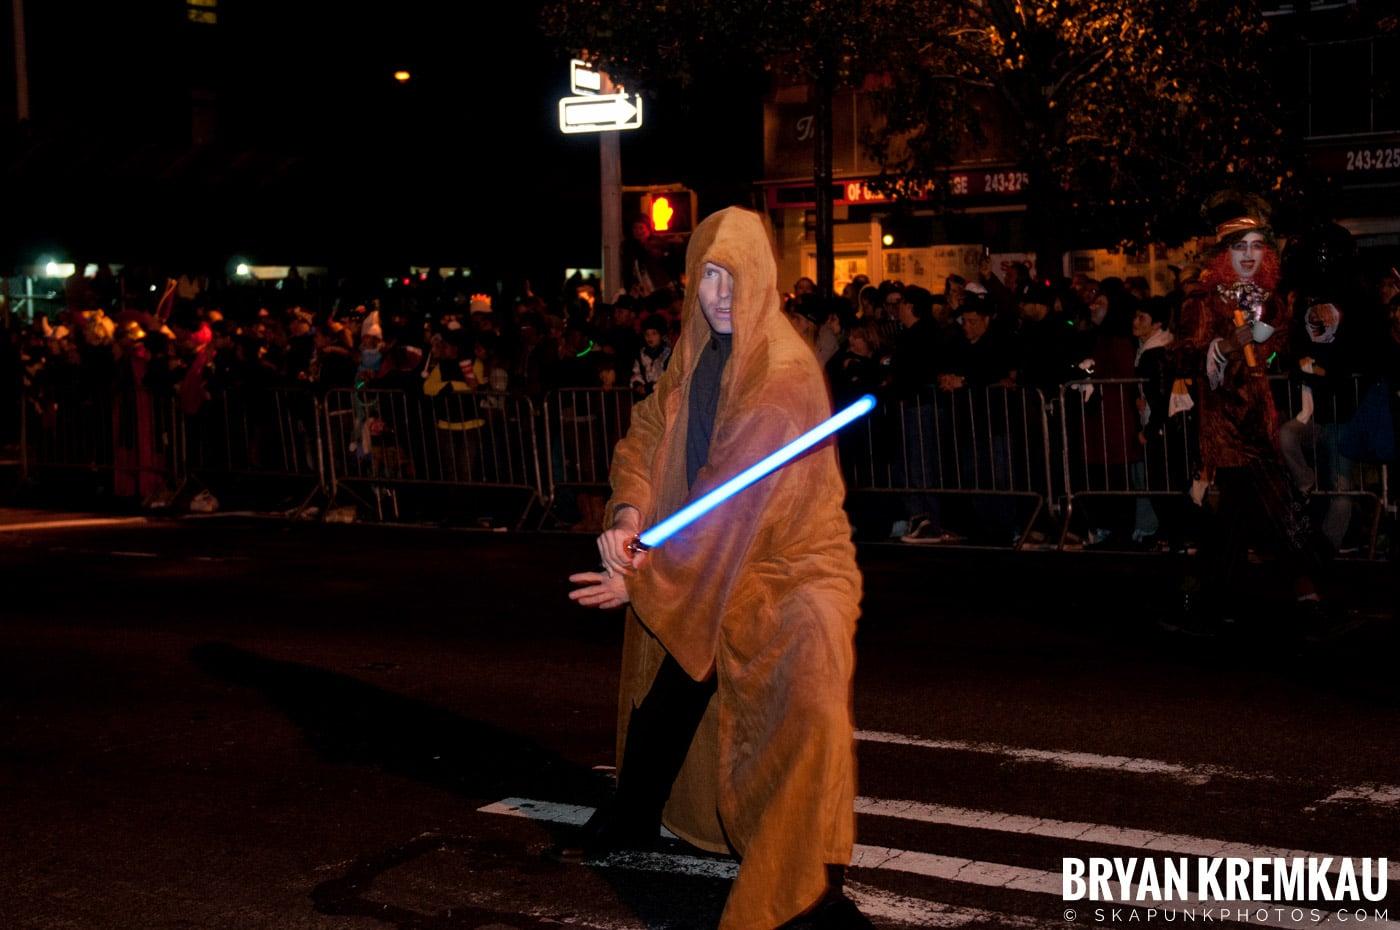 NYC Halloween Parade 2011 @ New York, NY - 10.31.11 (17)